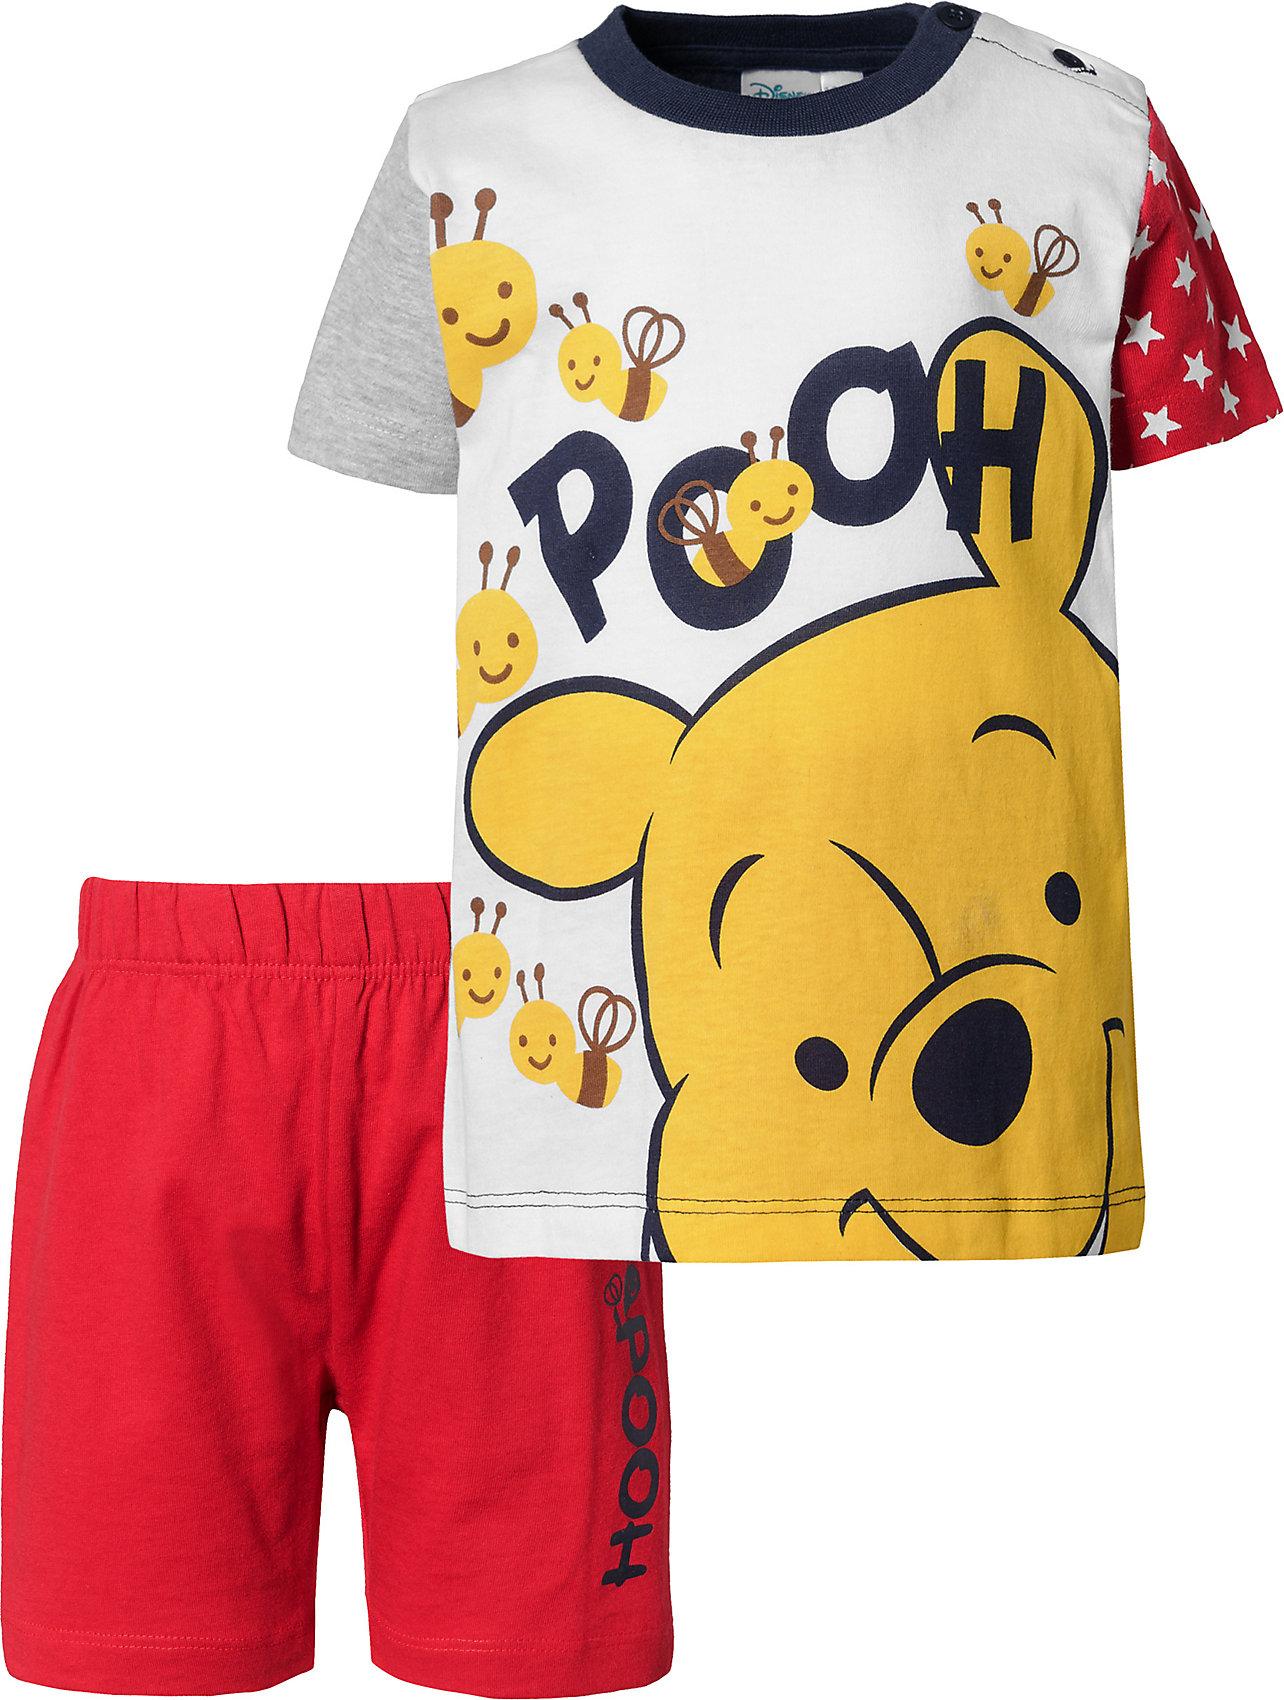 Shorts für Jungen 10397197 für Jungen Neu Disney Winnie Puuh Baby Set T-Shirt